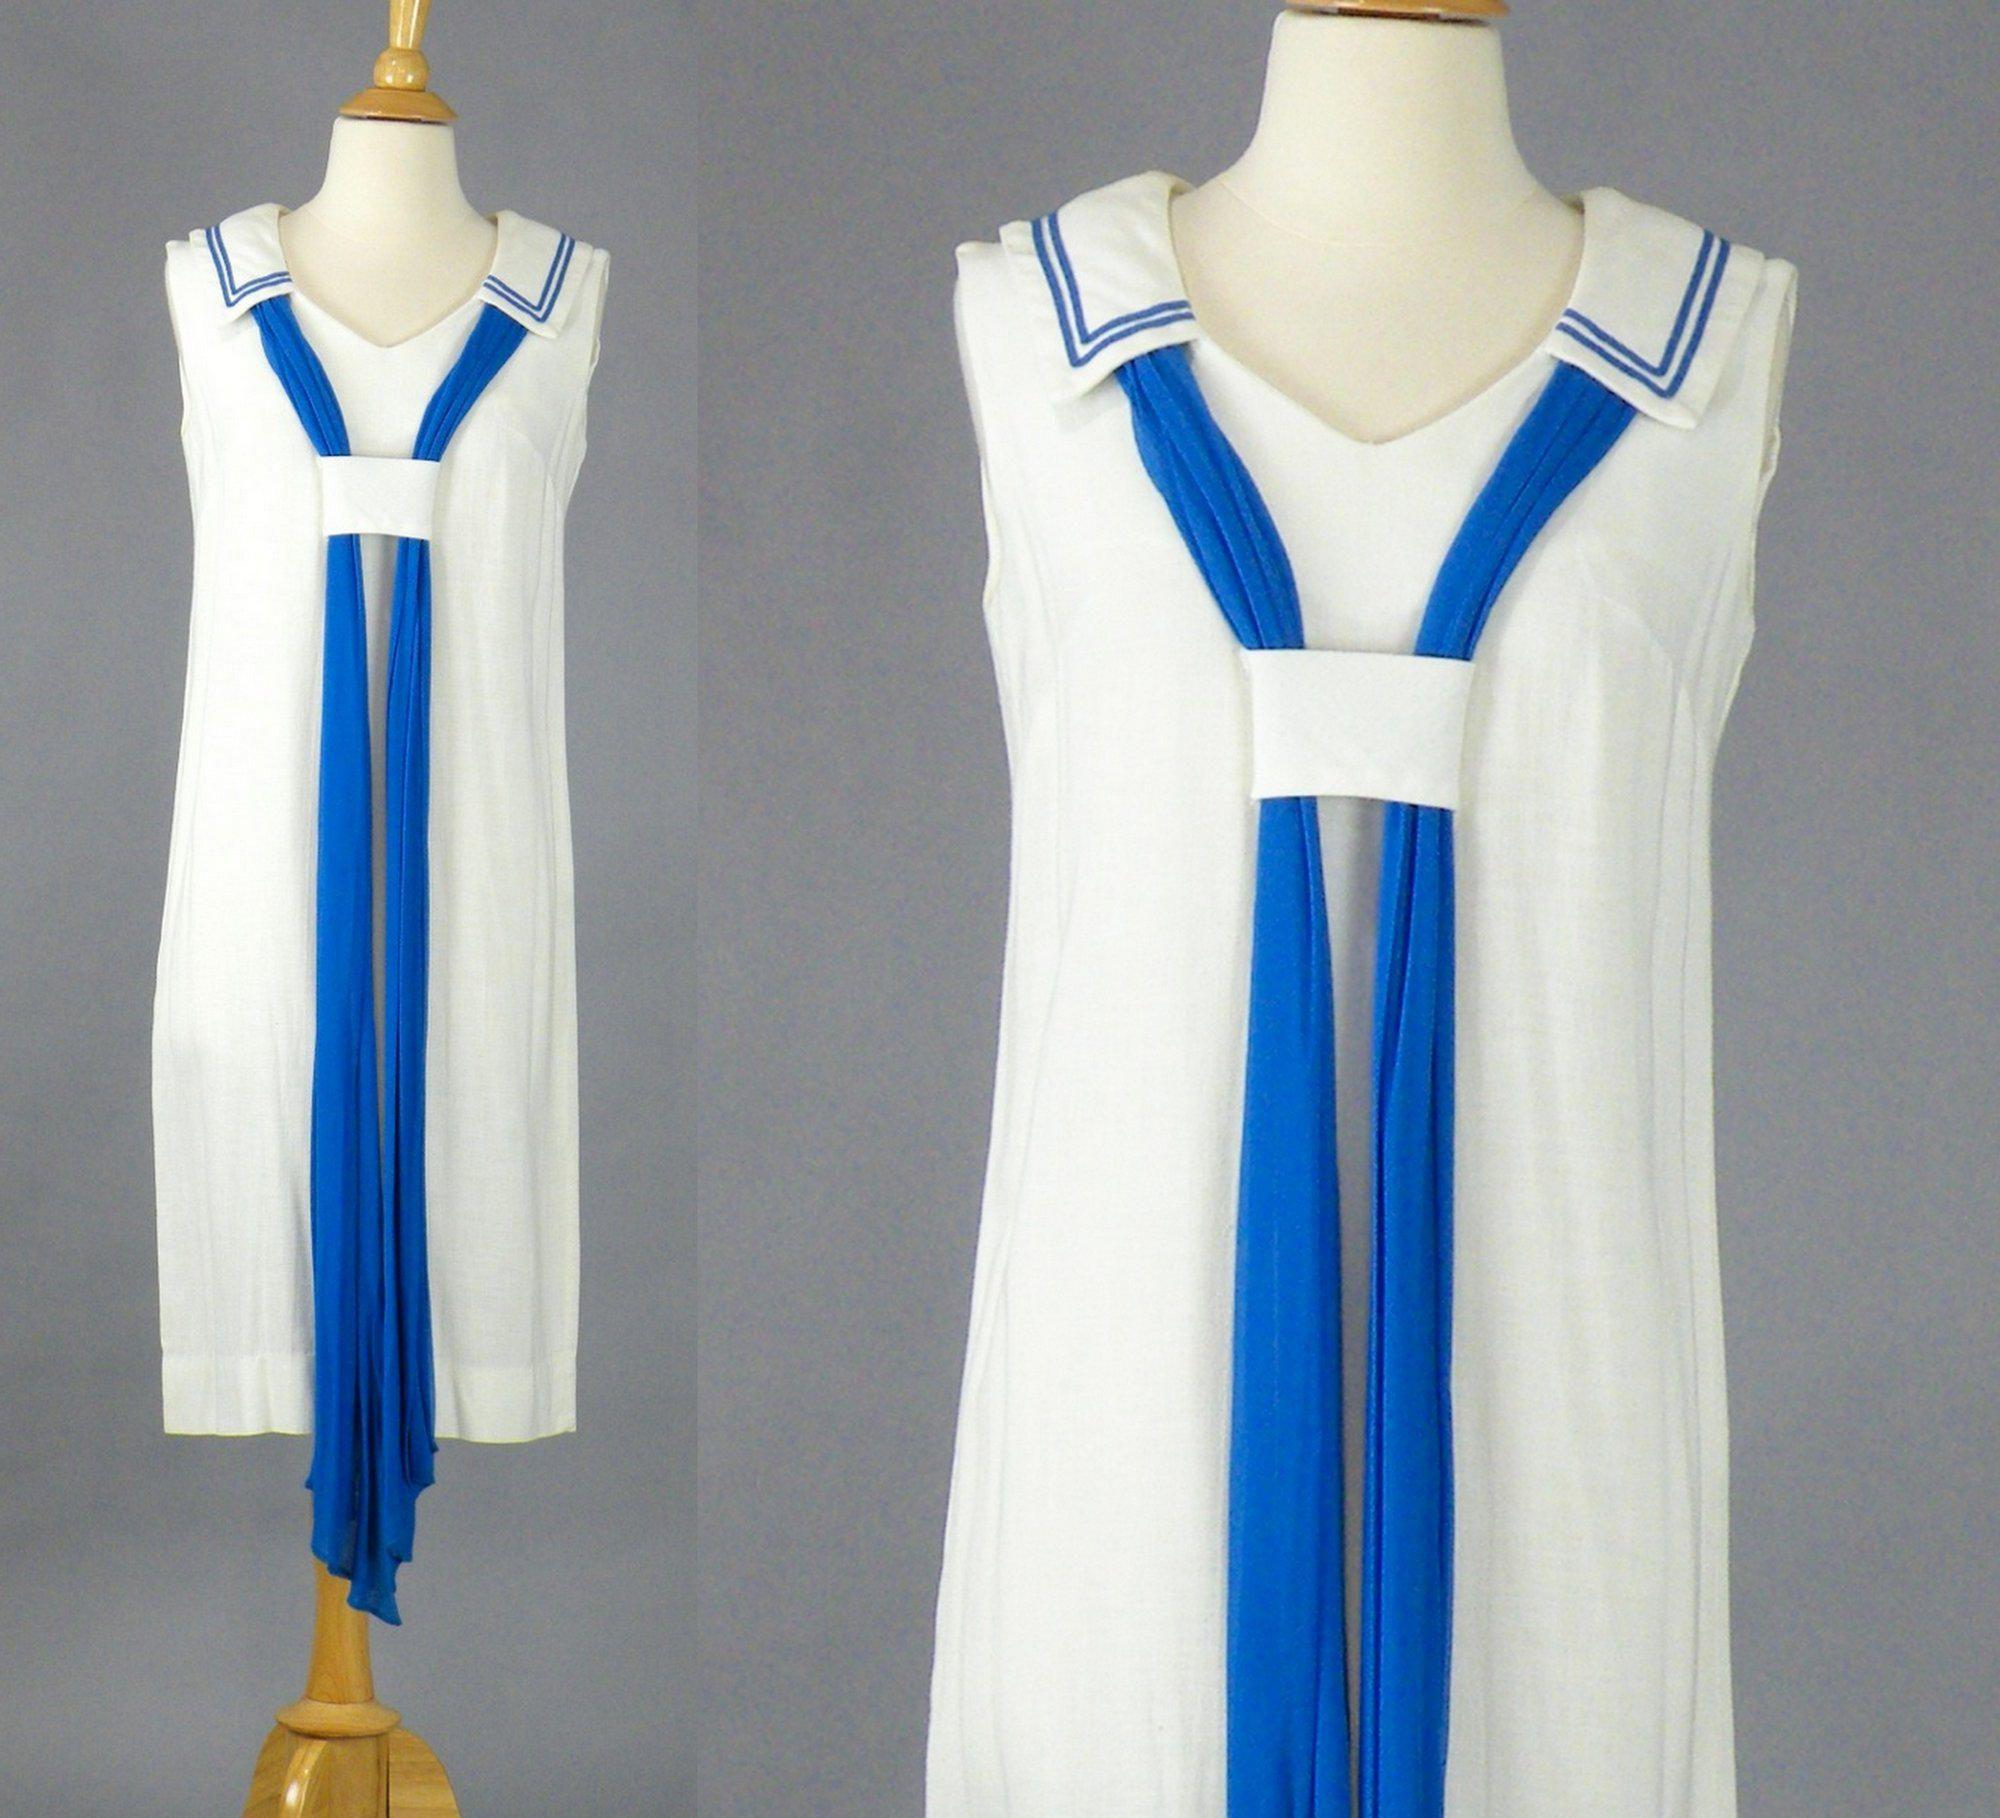 d6bce41e4ed Vintage 1960s Sailor Dress